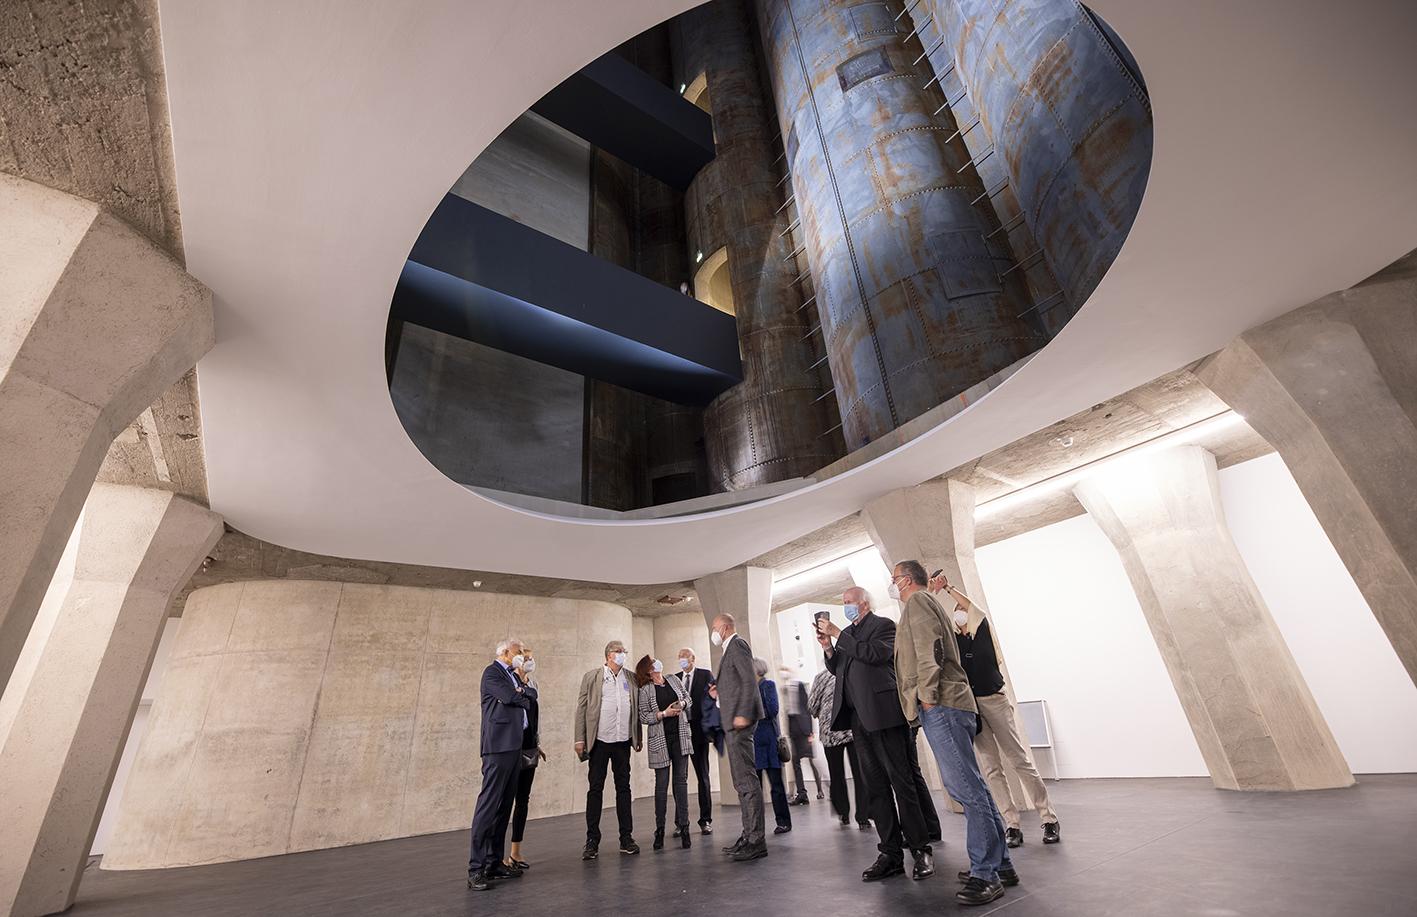 24.9.21 Eröffnung Anbau Museum Küppersmühle in Duisburg. Foto: Georg Lukas, Essen 0171 4114148